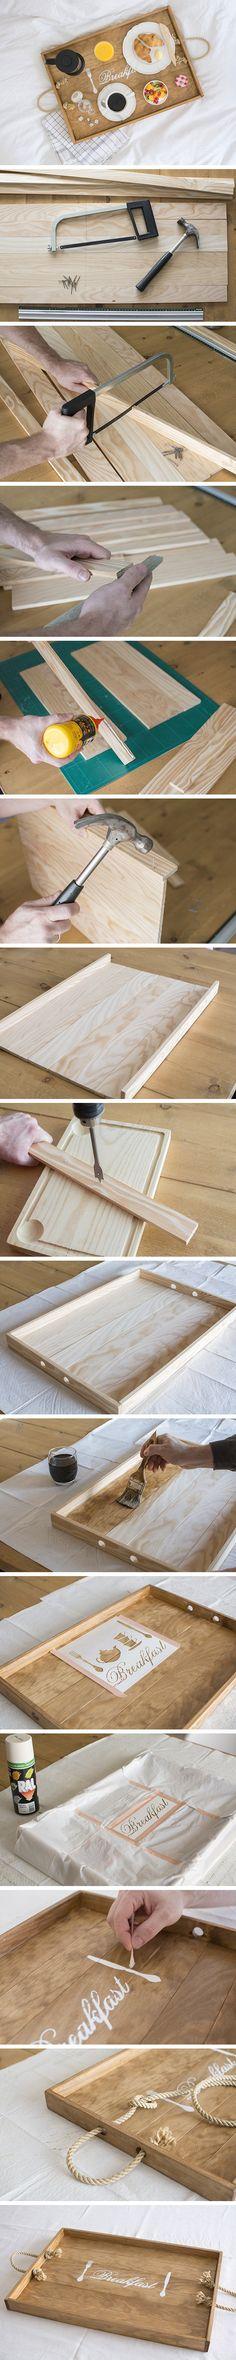 DIY breakfast tray - DIY bandeja de desayuno